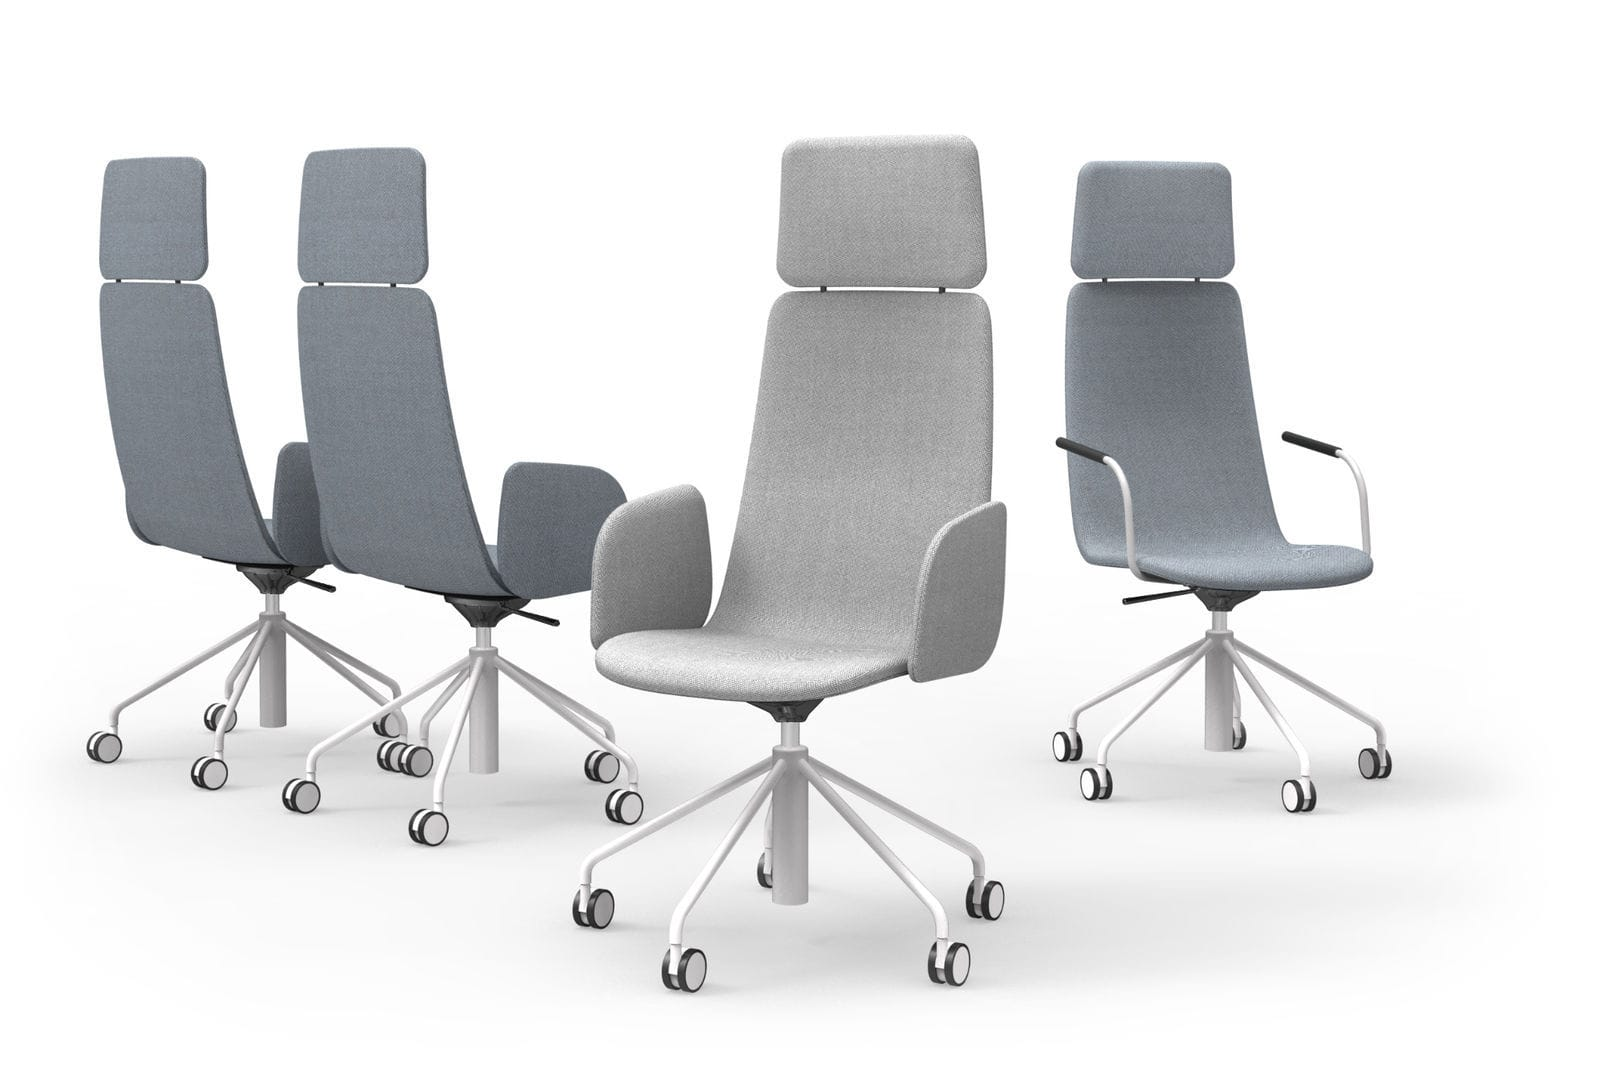 Sedie A Rotelle Schienale Alto : Sedia da conferenza moderno con rotelle con poggiatesta a